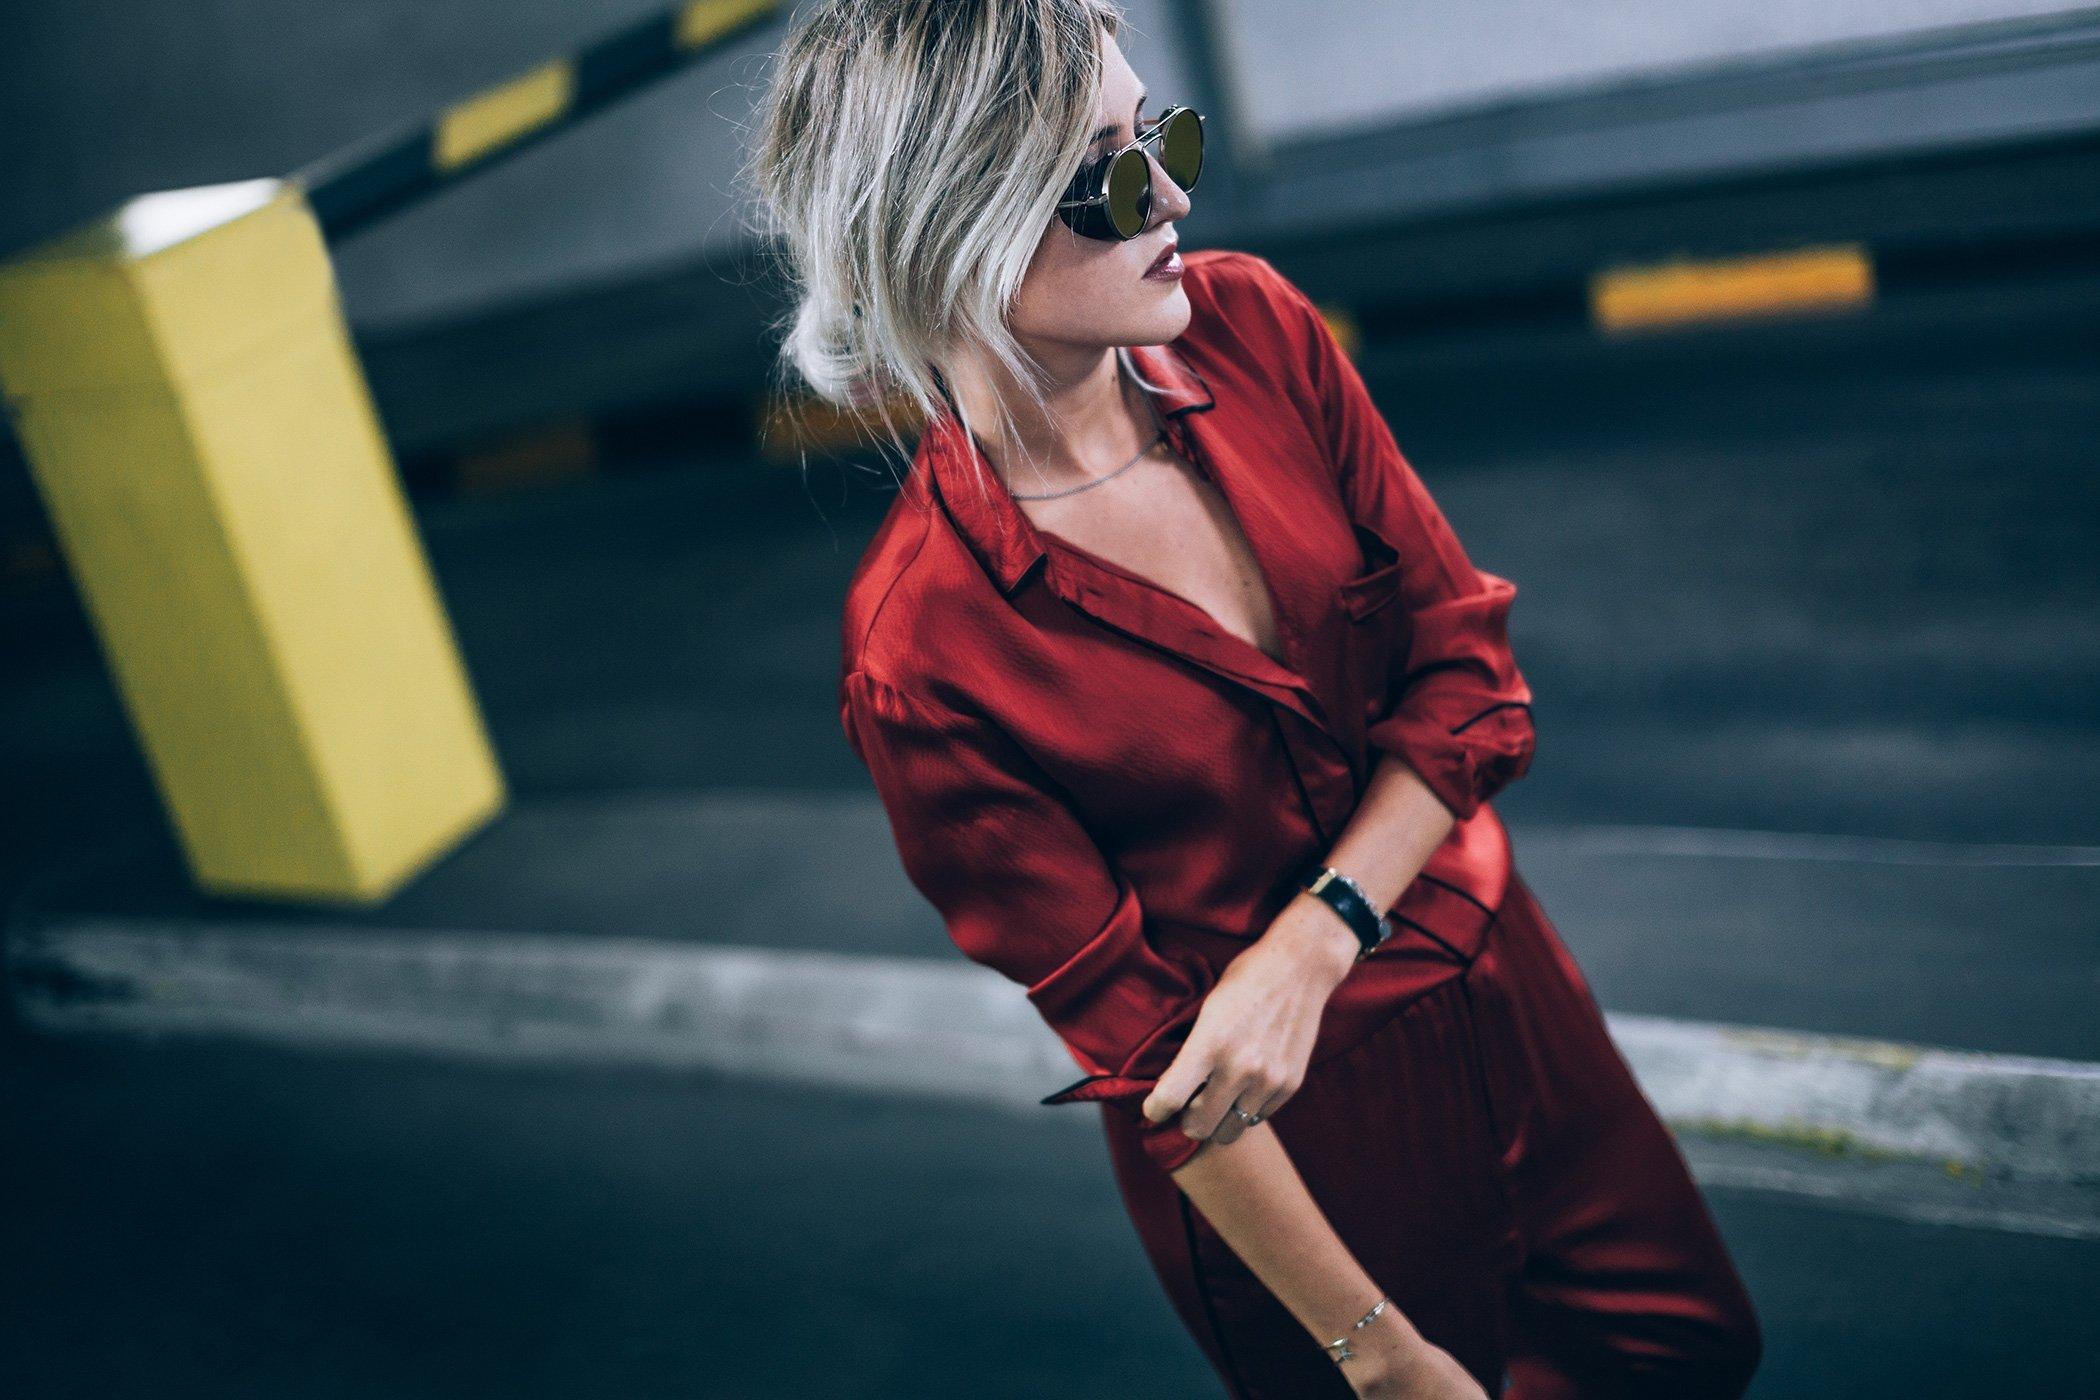 mikuta-in-red-ganni-suit-8